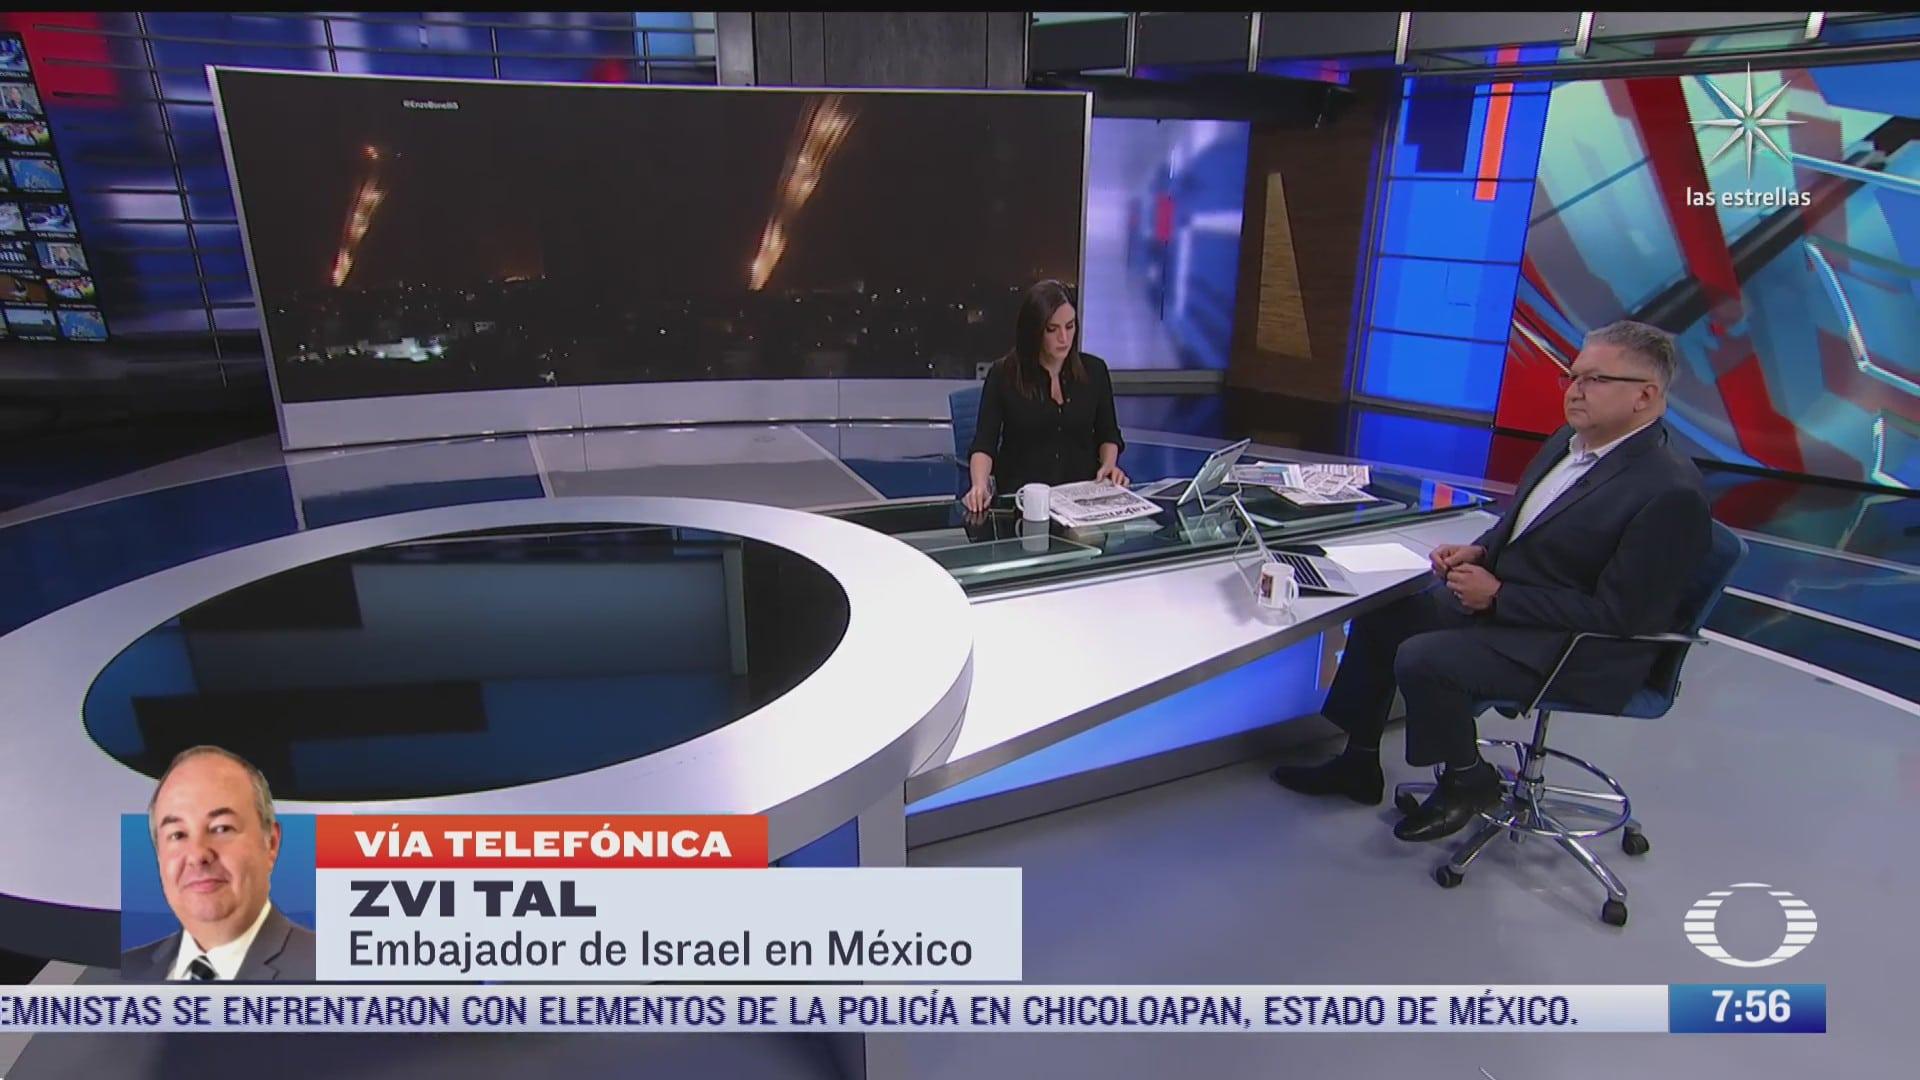 entrevista con zvi tal embajador de israel en mexico para despierta